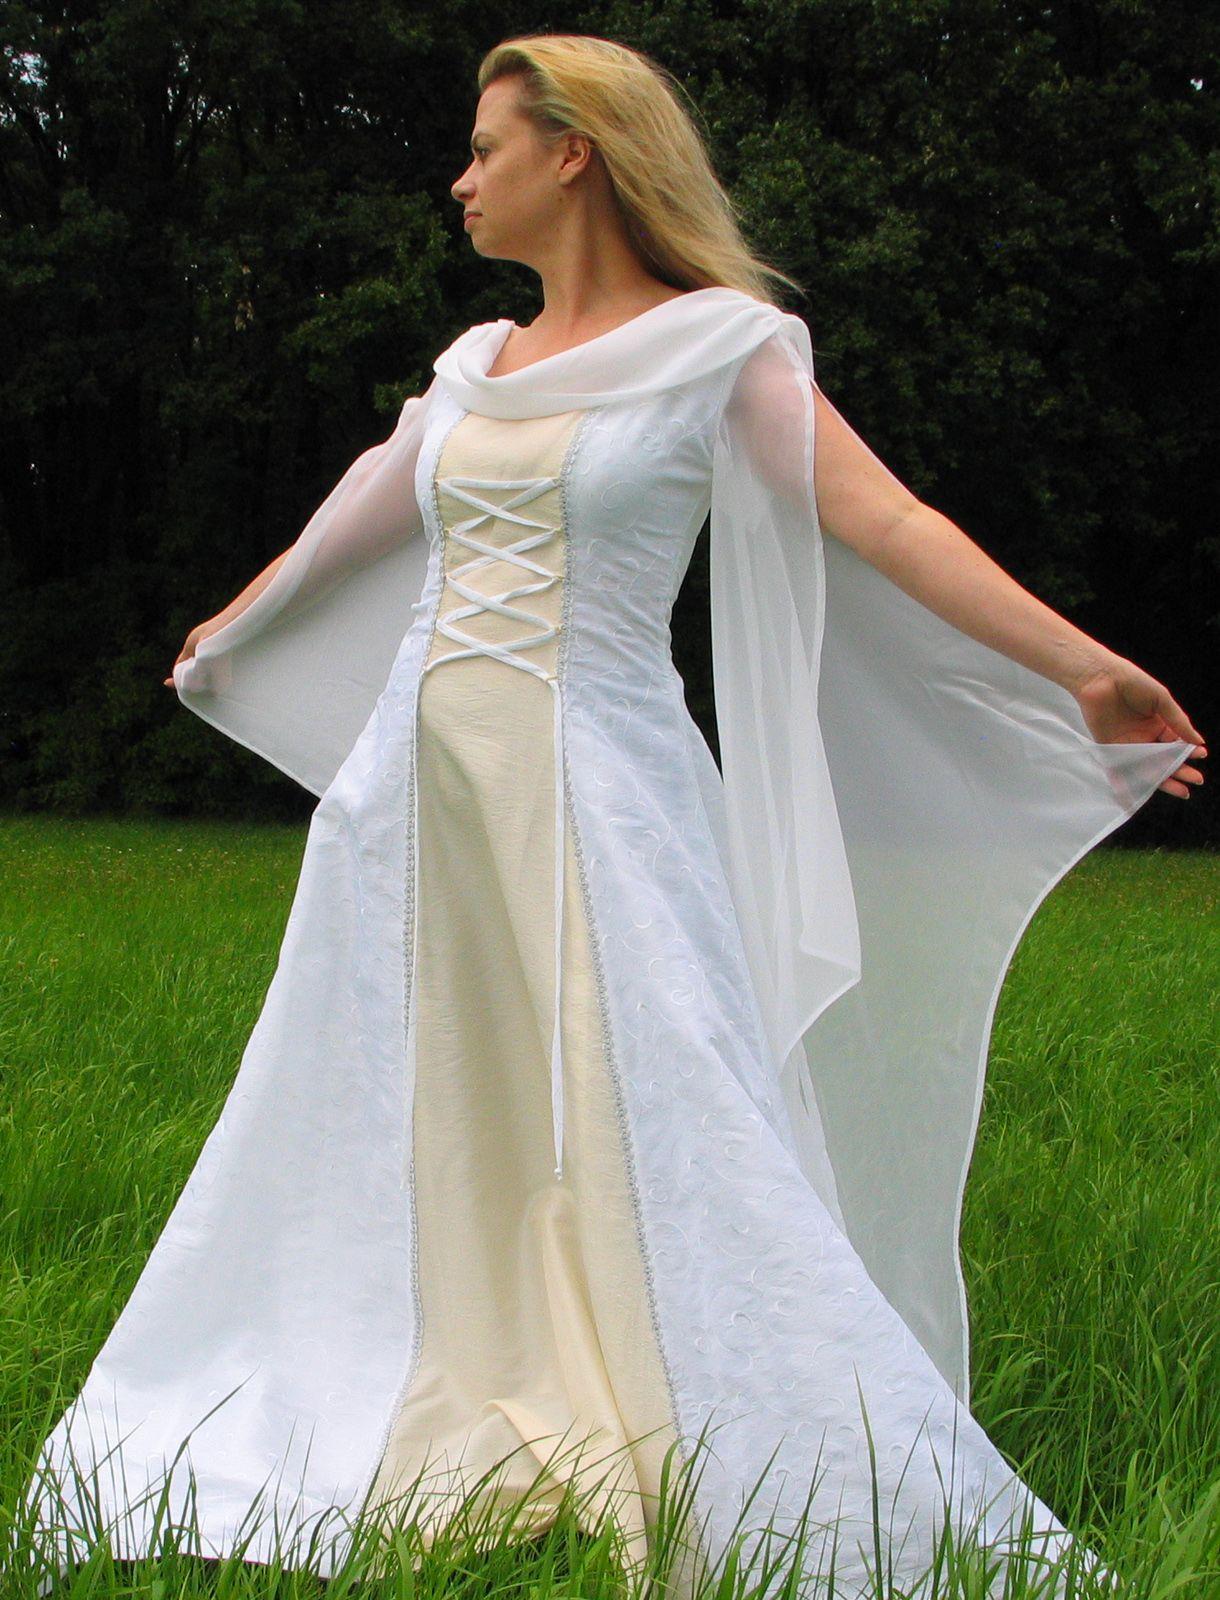 Mittelalter Hochzeitskleid | Mittelalter Hochzeitskleid | Pinterest ...